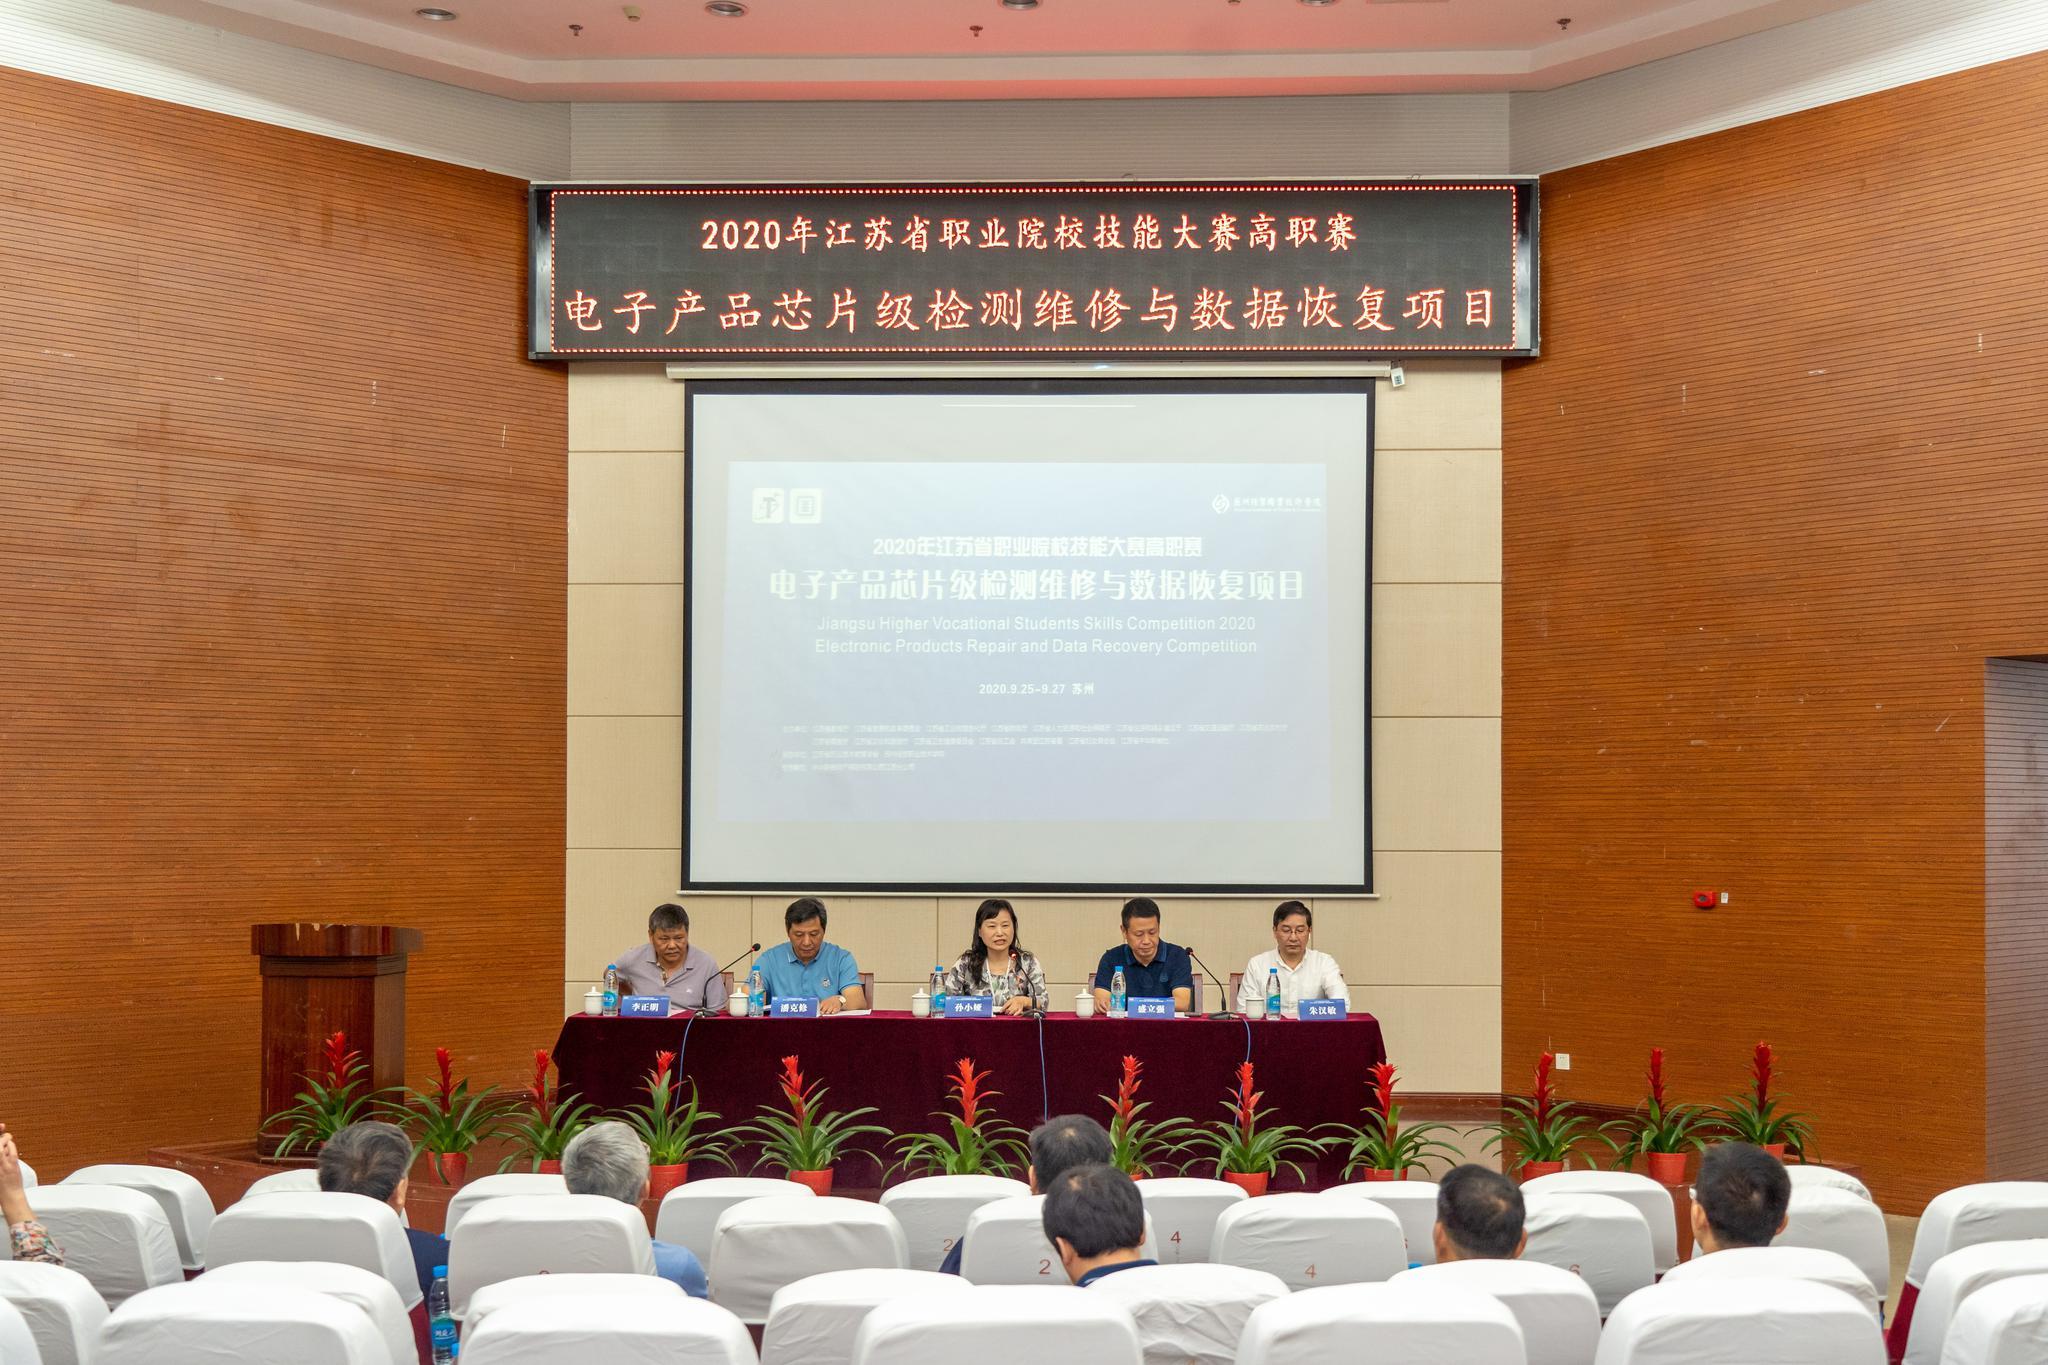 2020年江苏省职业院校技能大赛高职组赛项在苏州经贸职业技术学院拉开帷幕